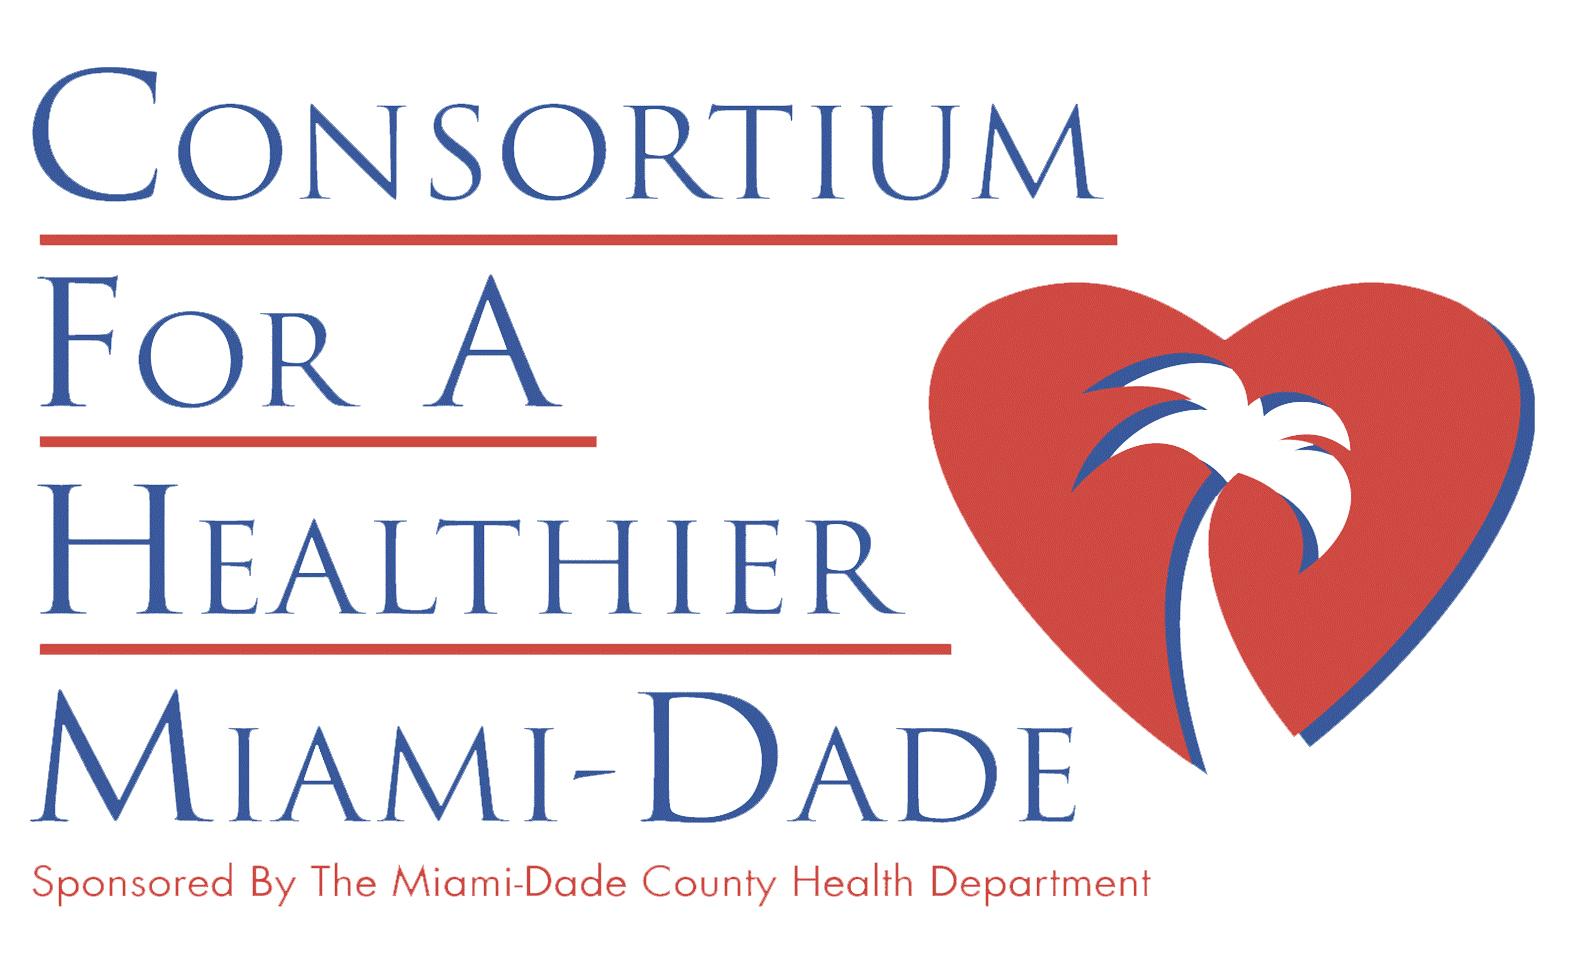 Consortium for a Healthier Miami Dade